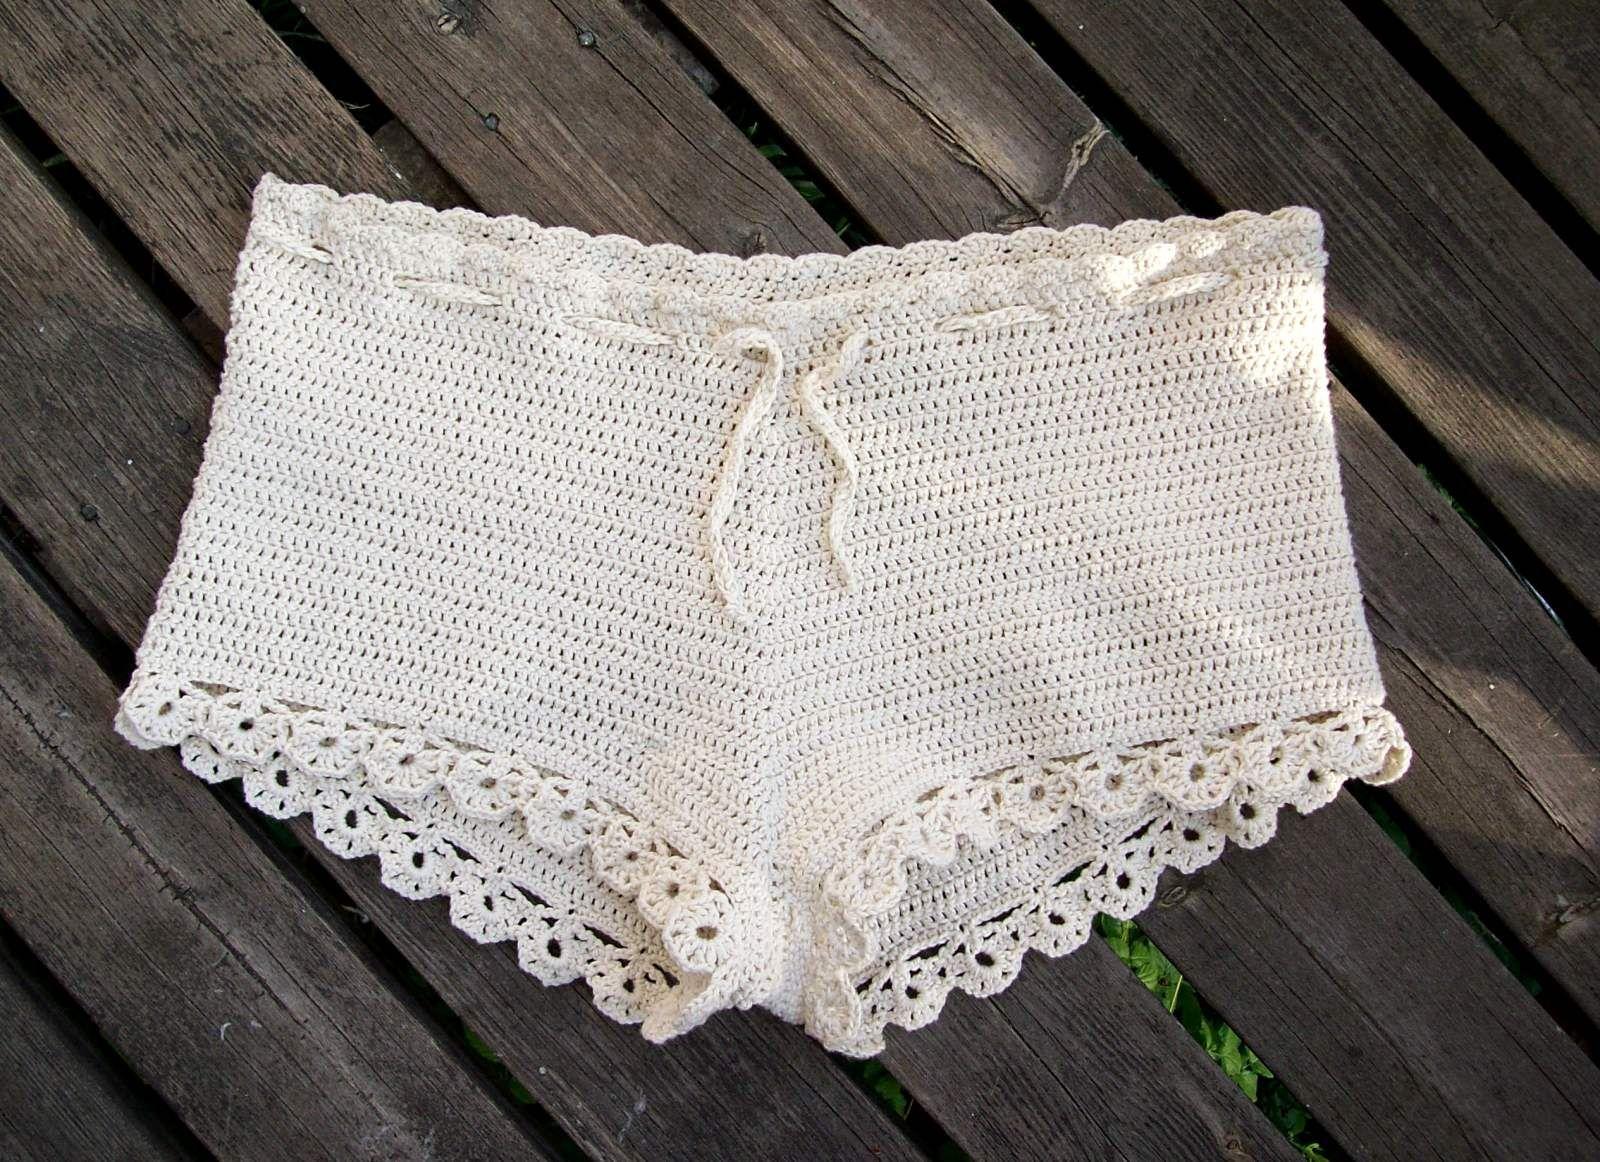 Mmatildas virkstad: Virkade shorts - nästan nästan exakt samma ...